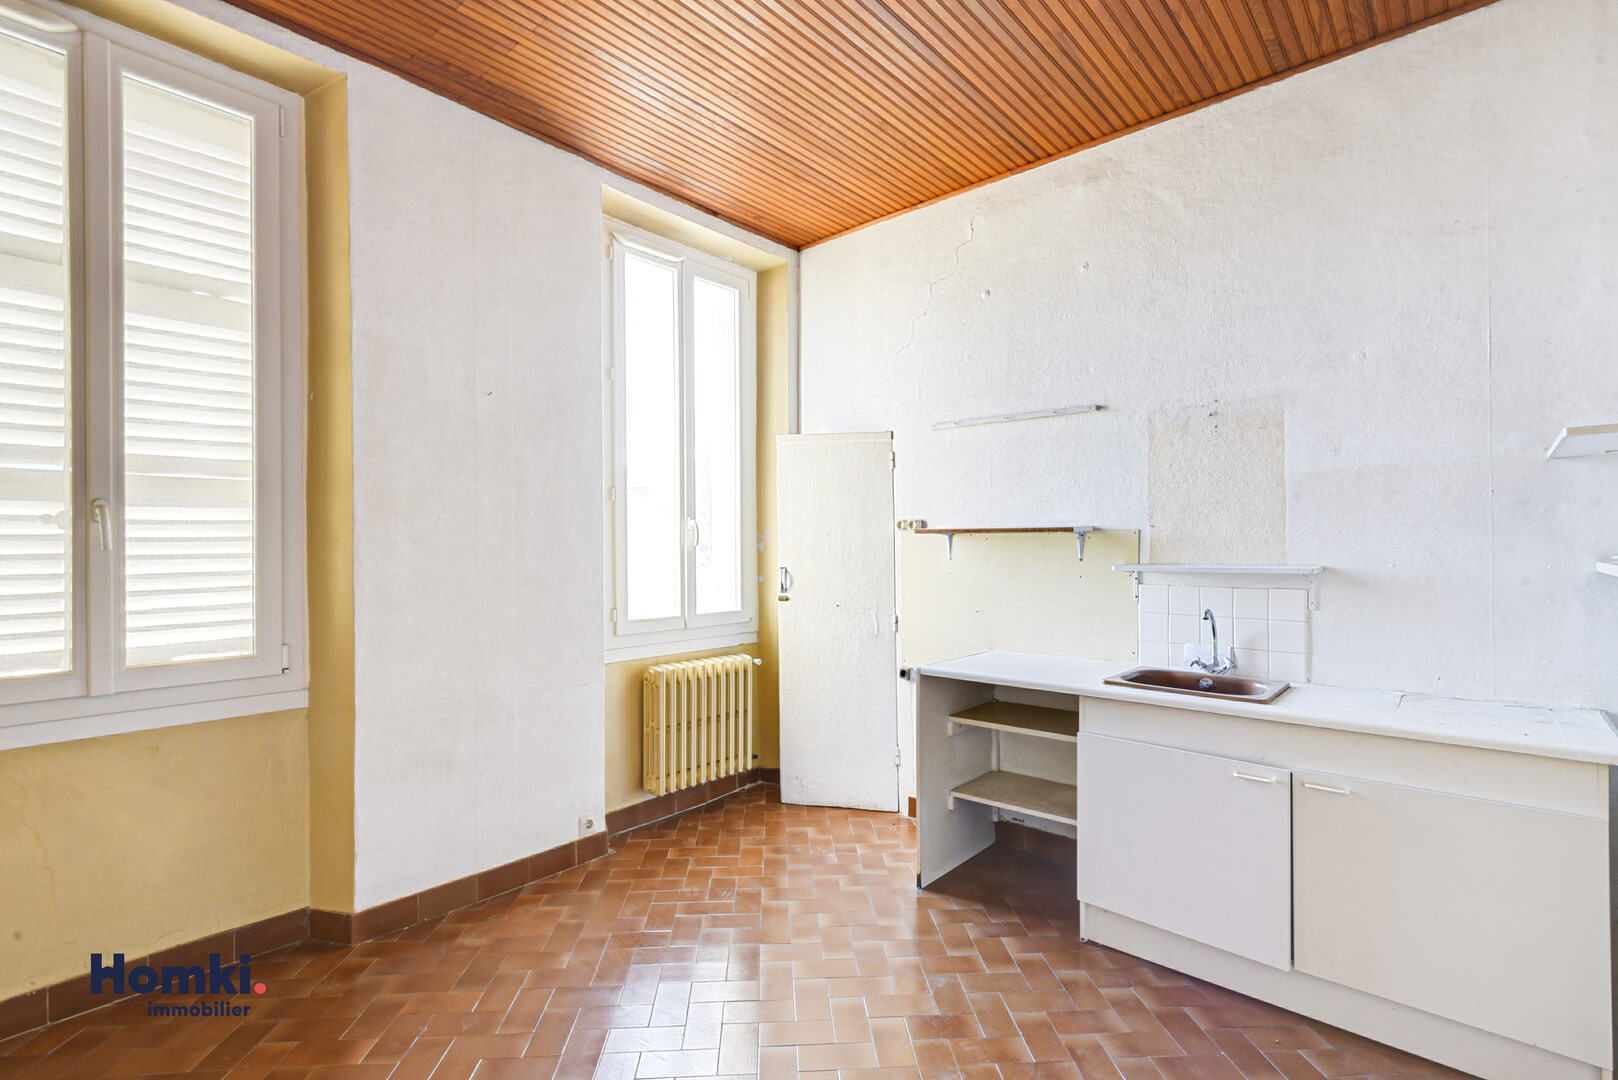 Homki - Vente maison/villa  de 100.0 m² à Marseille 13002